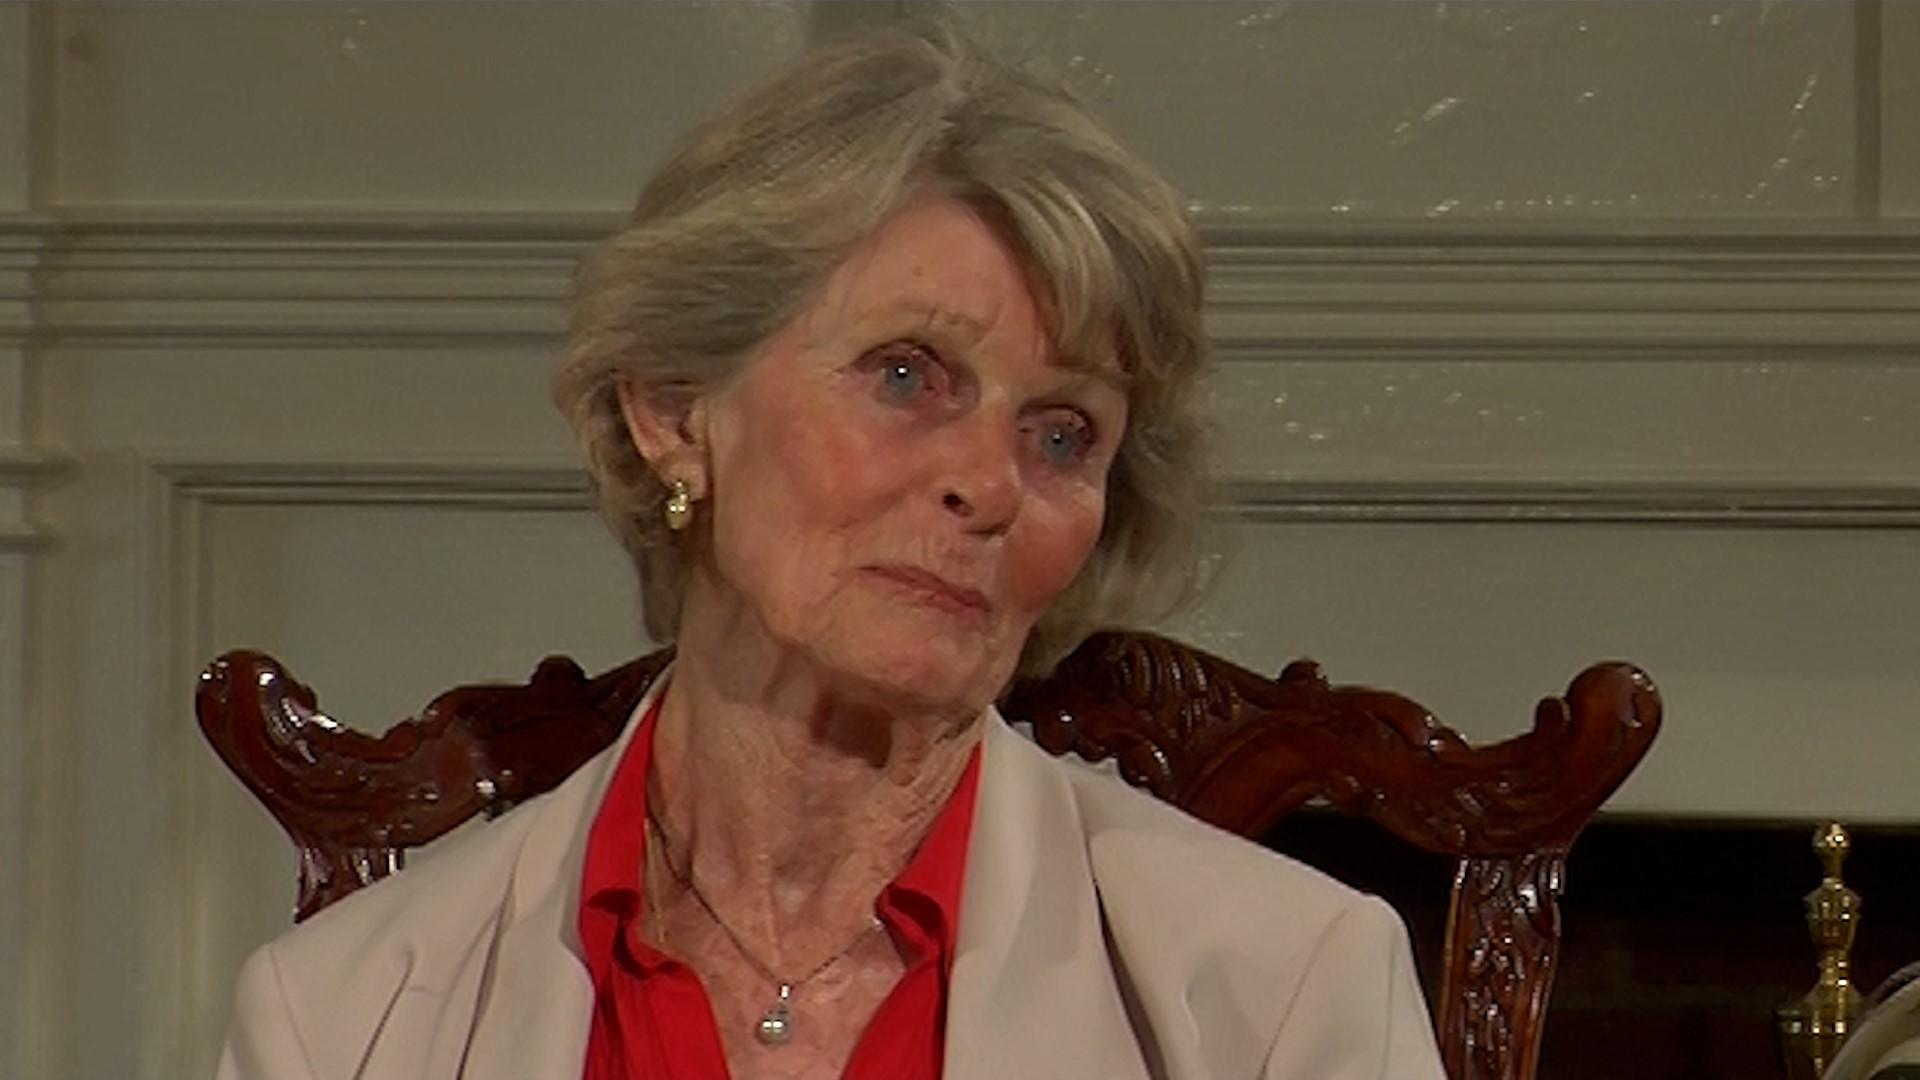 Dorothea Schlidt, last of von Braun's 'Paperclip' rocket team, dies in  Huntsville at 100